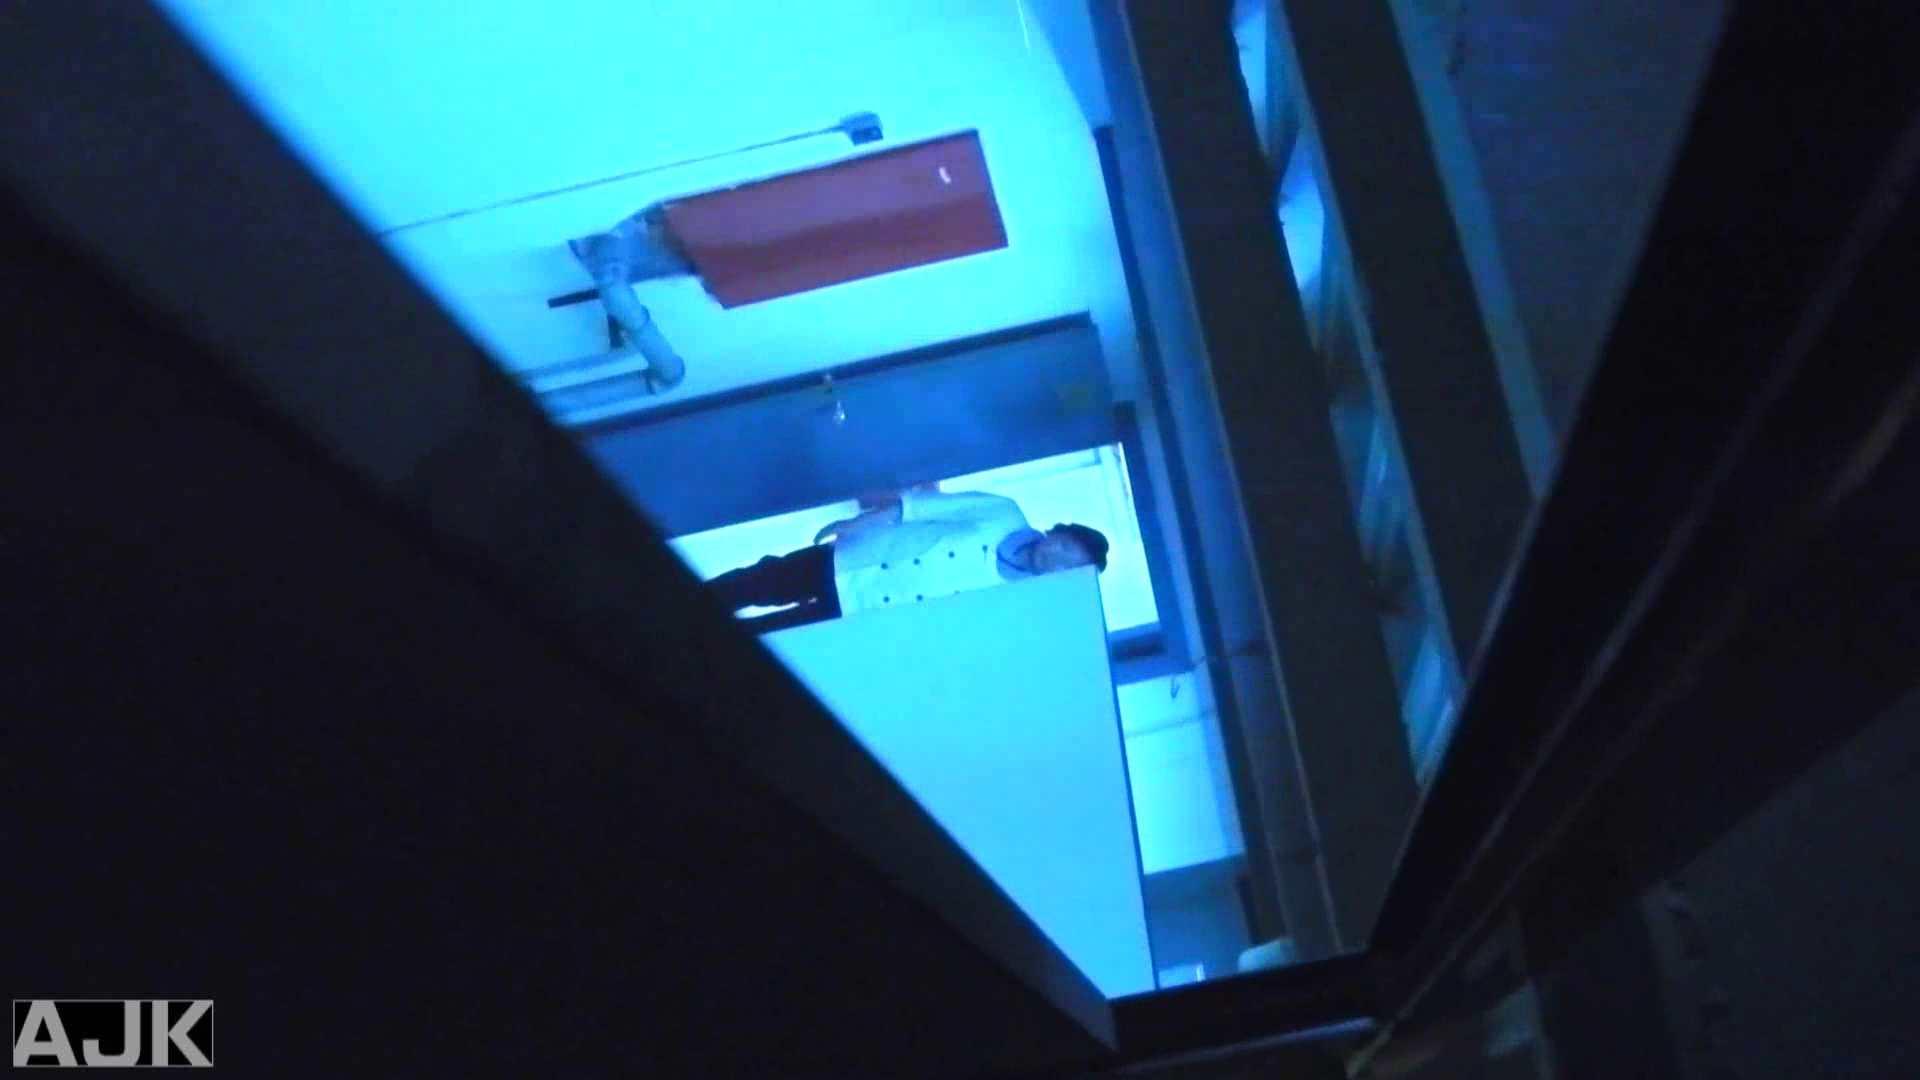 神降臨!史上最強の潜入かわや! vol.24 オマンコギャル アダルト動画キャプチャ 90連発 89